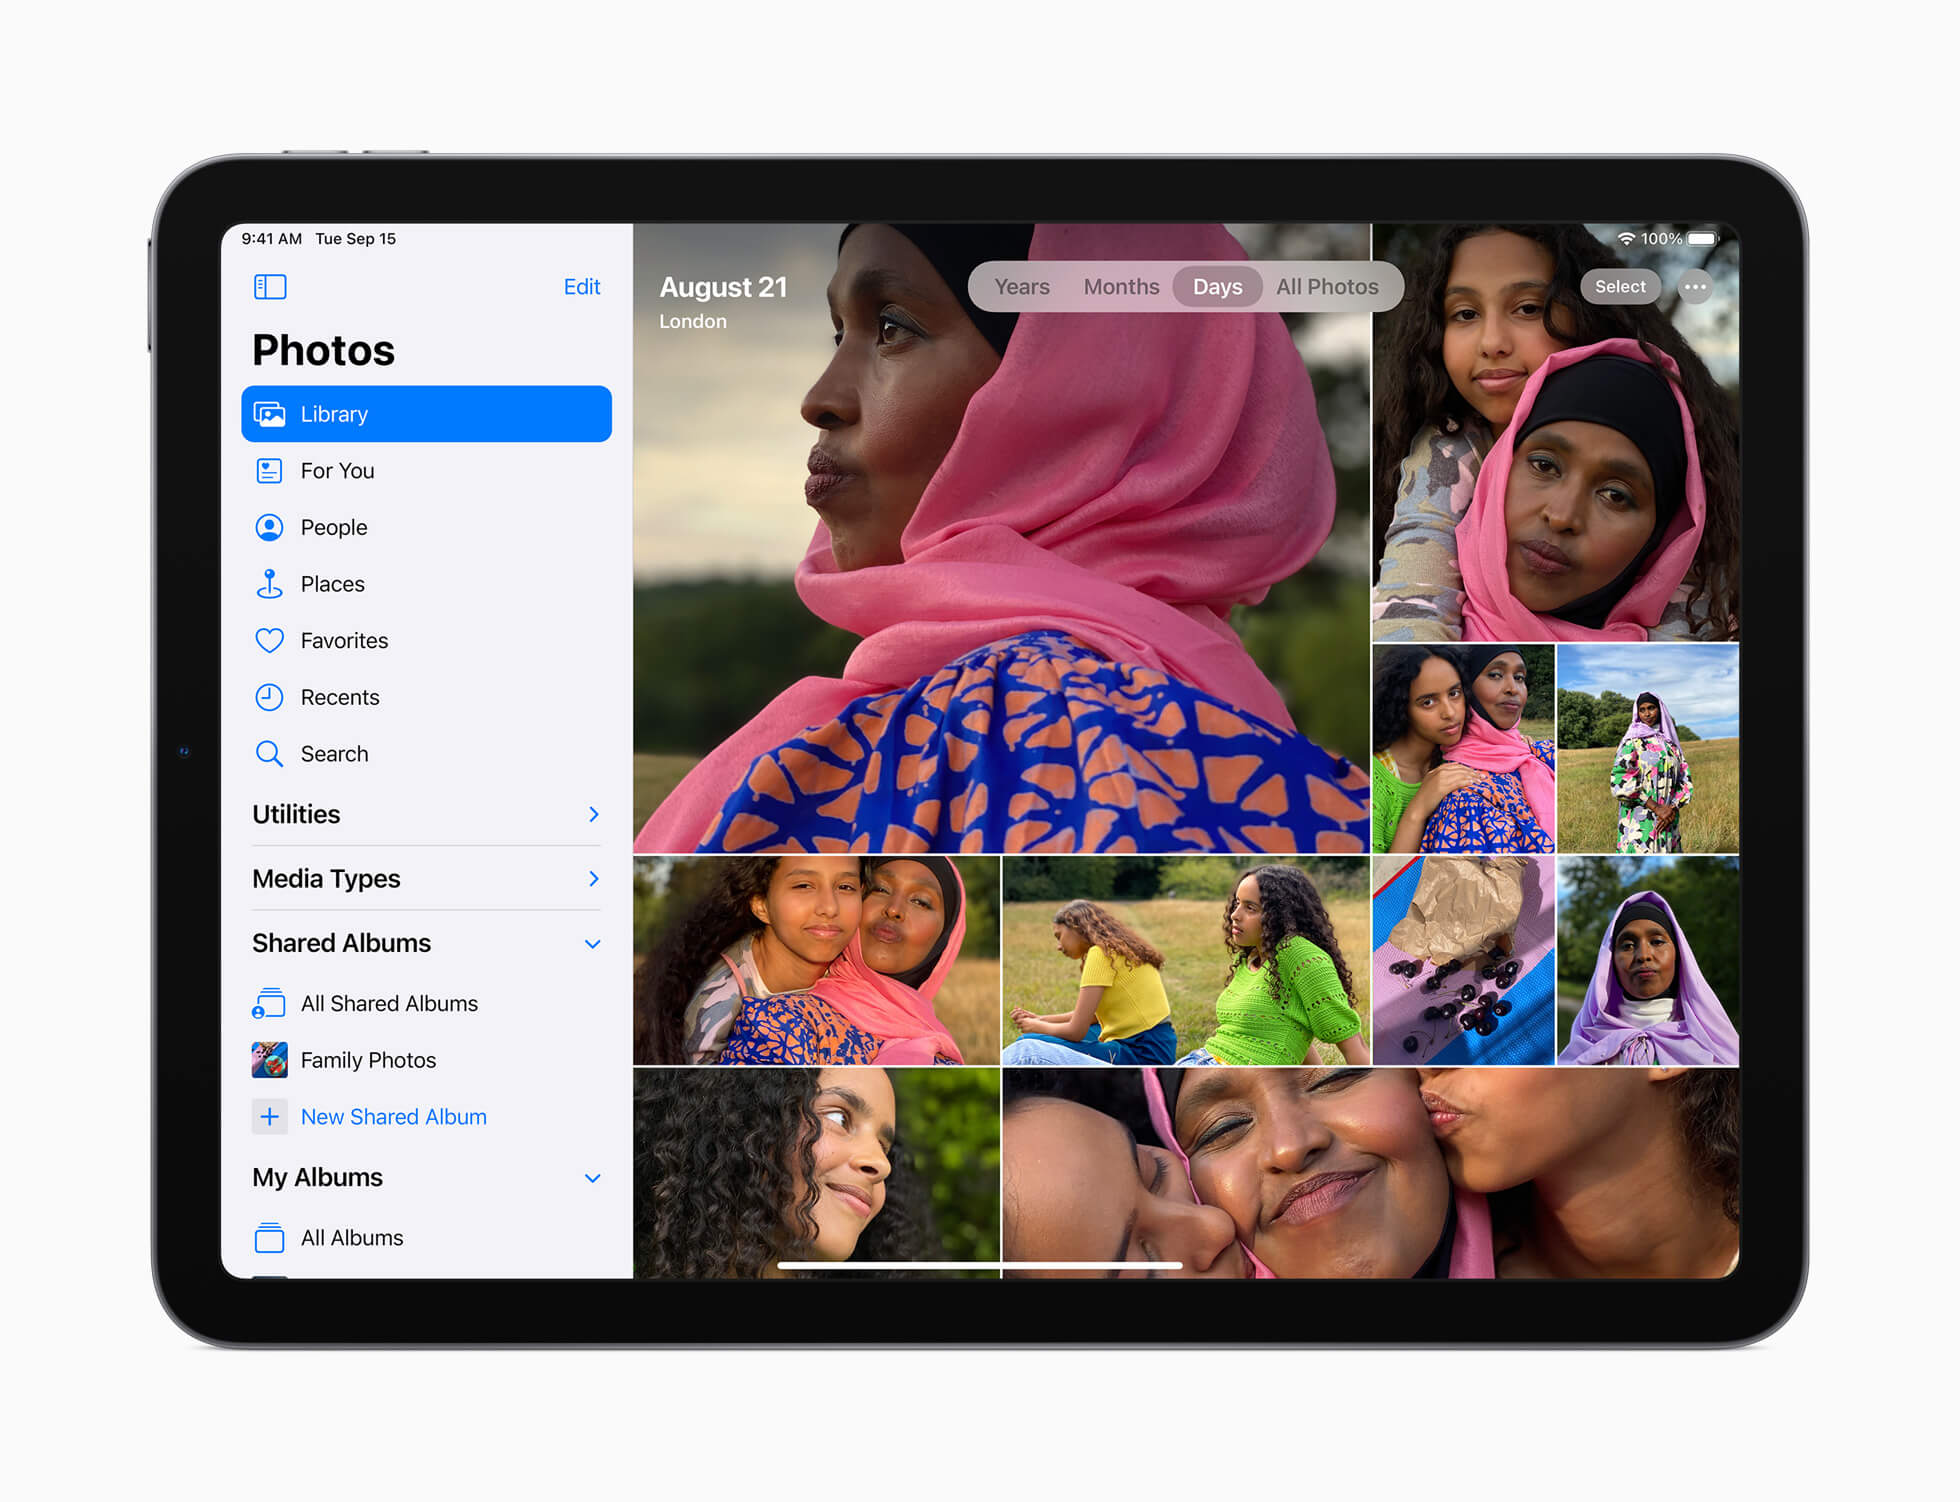 Apple iPad Air 4 photos